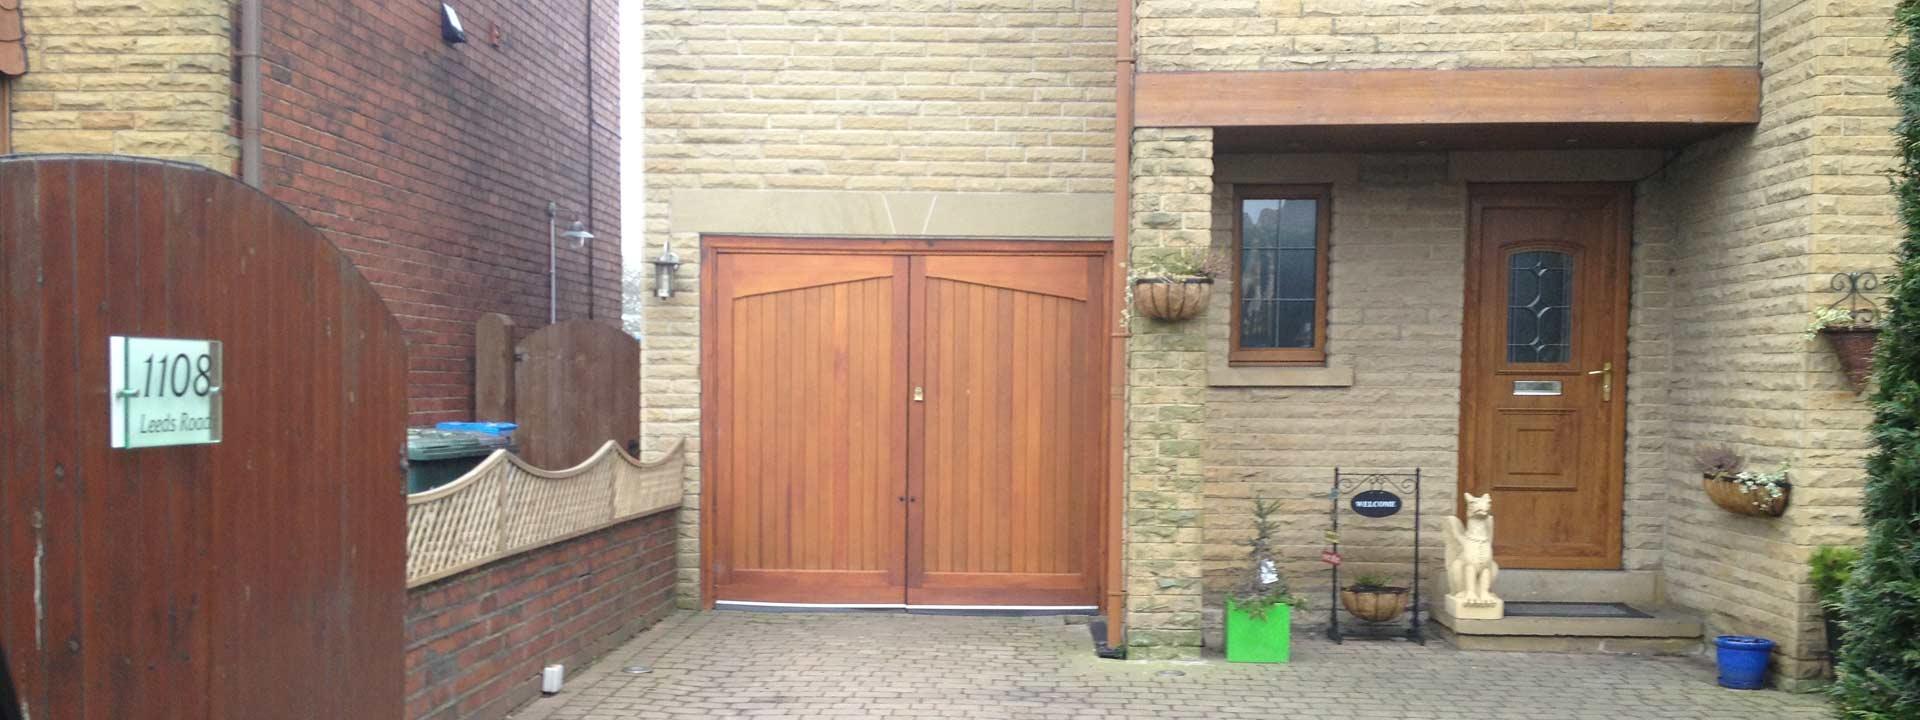 The-garage-door-company-leeds